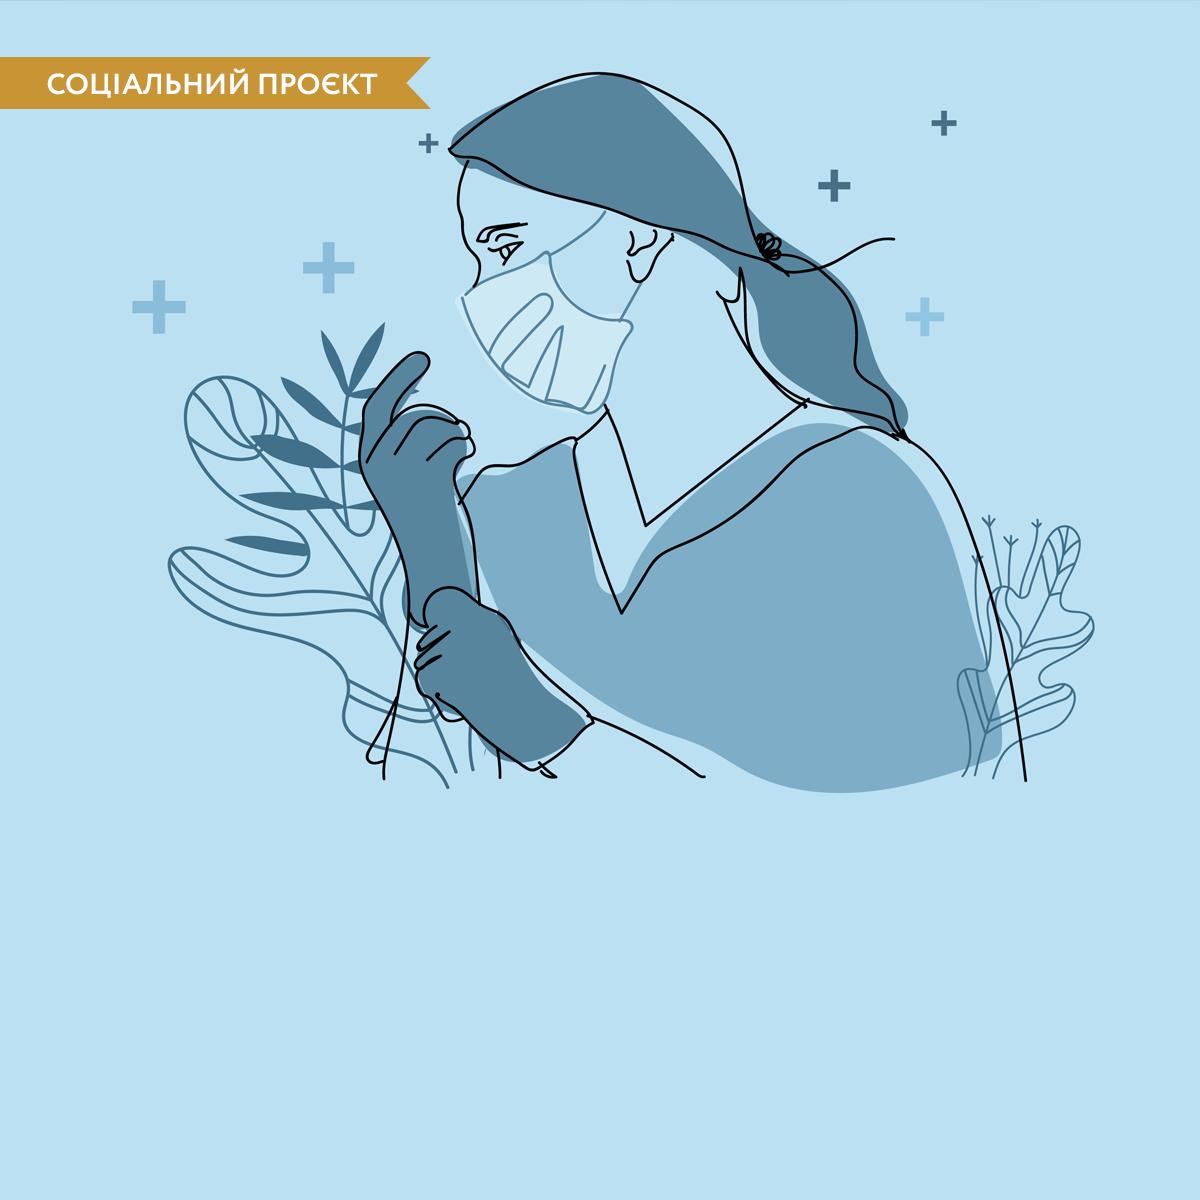 Чому жінки-медики опинилися під ударом через коронавірус?